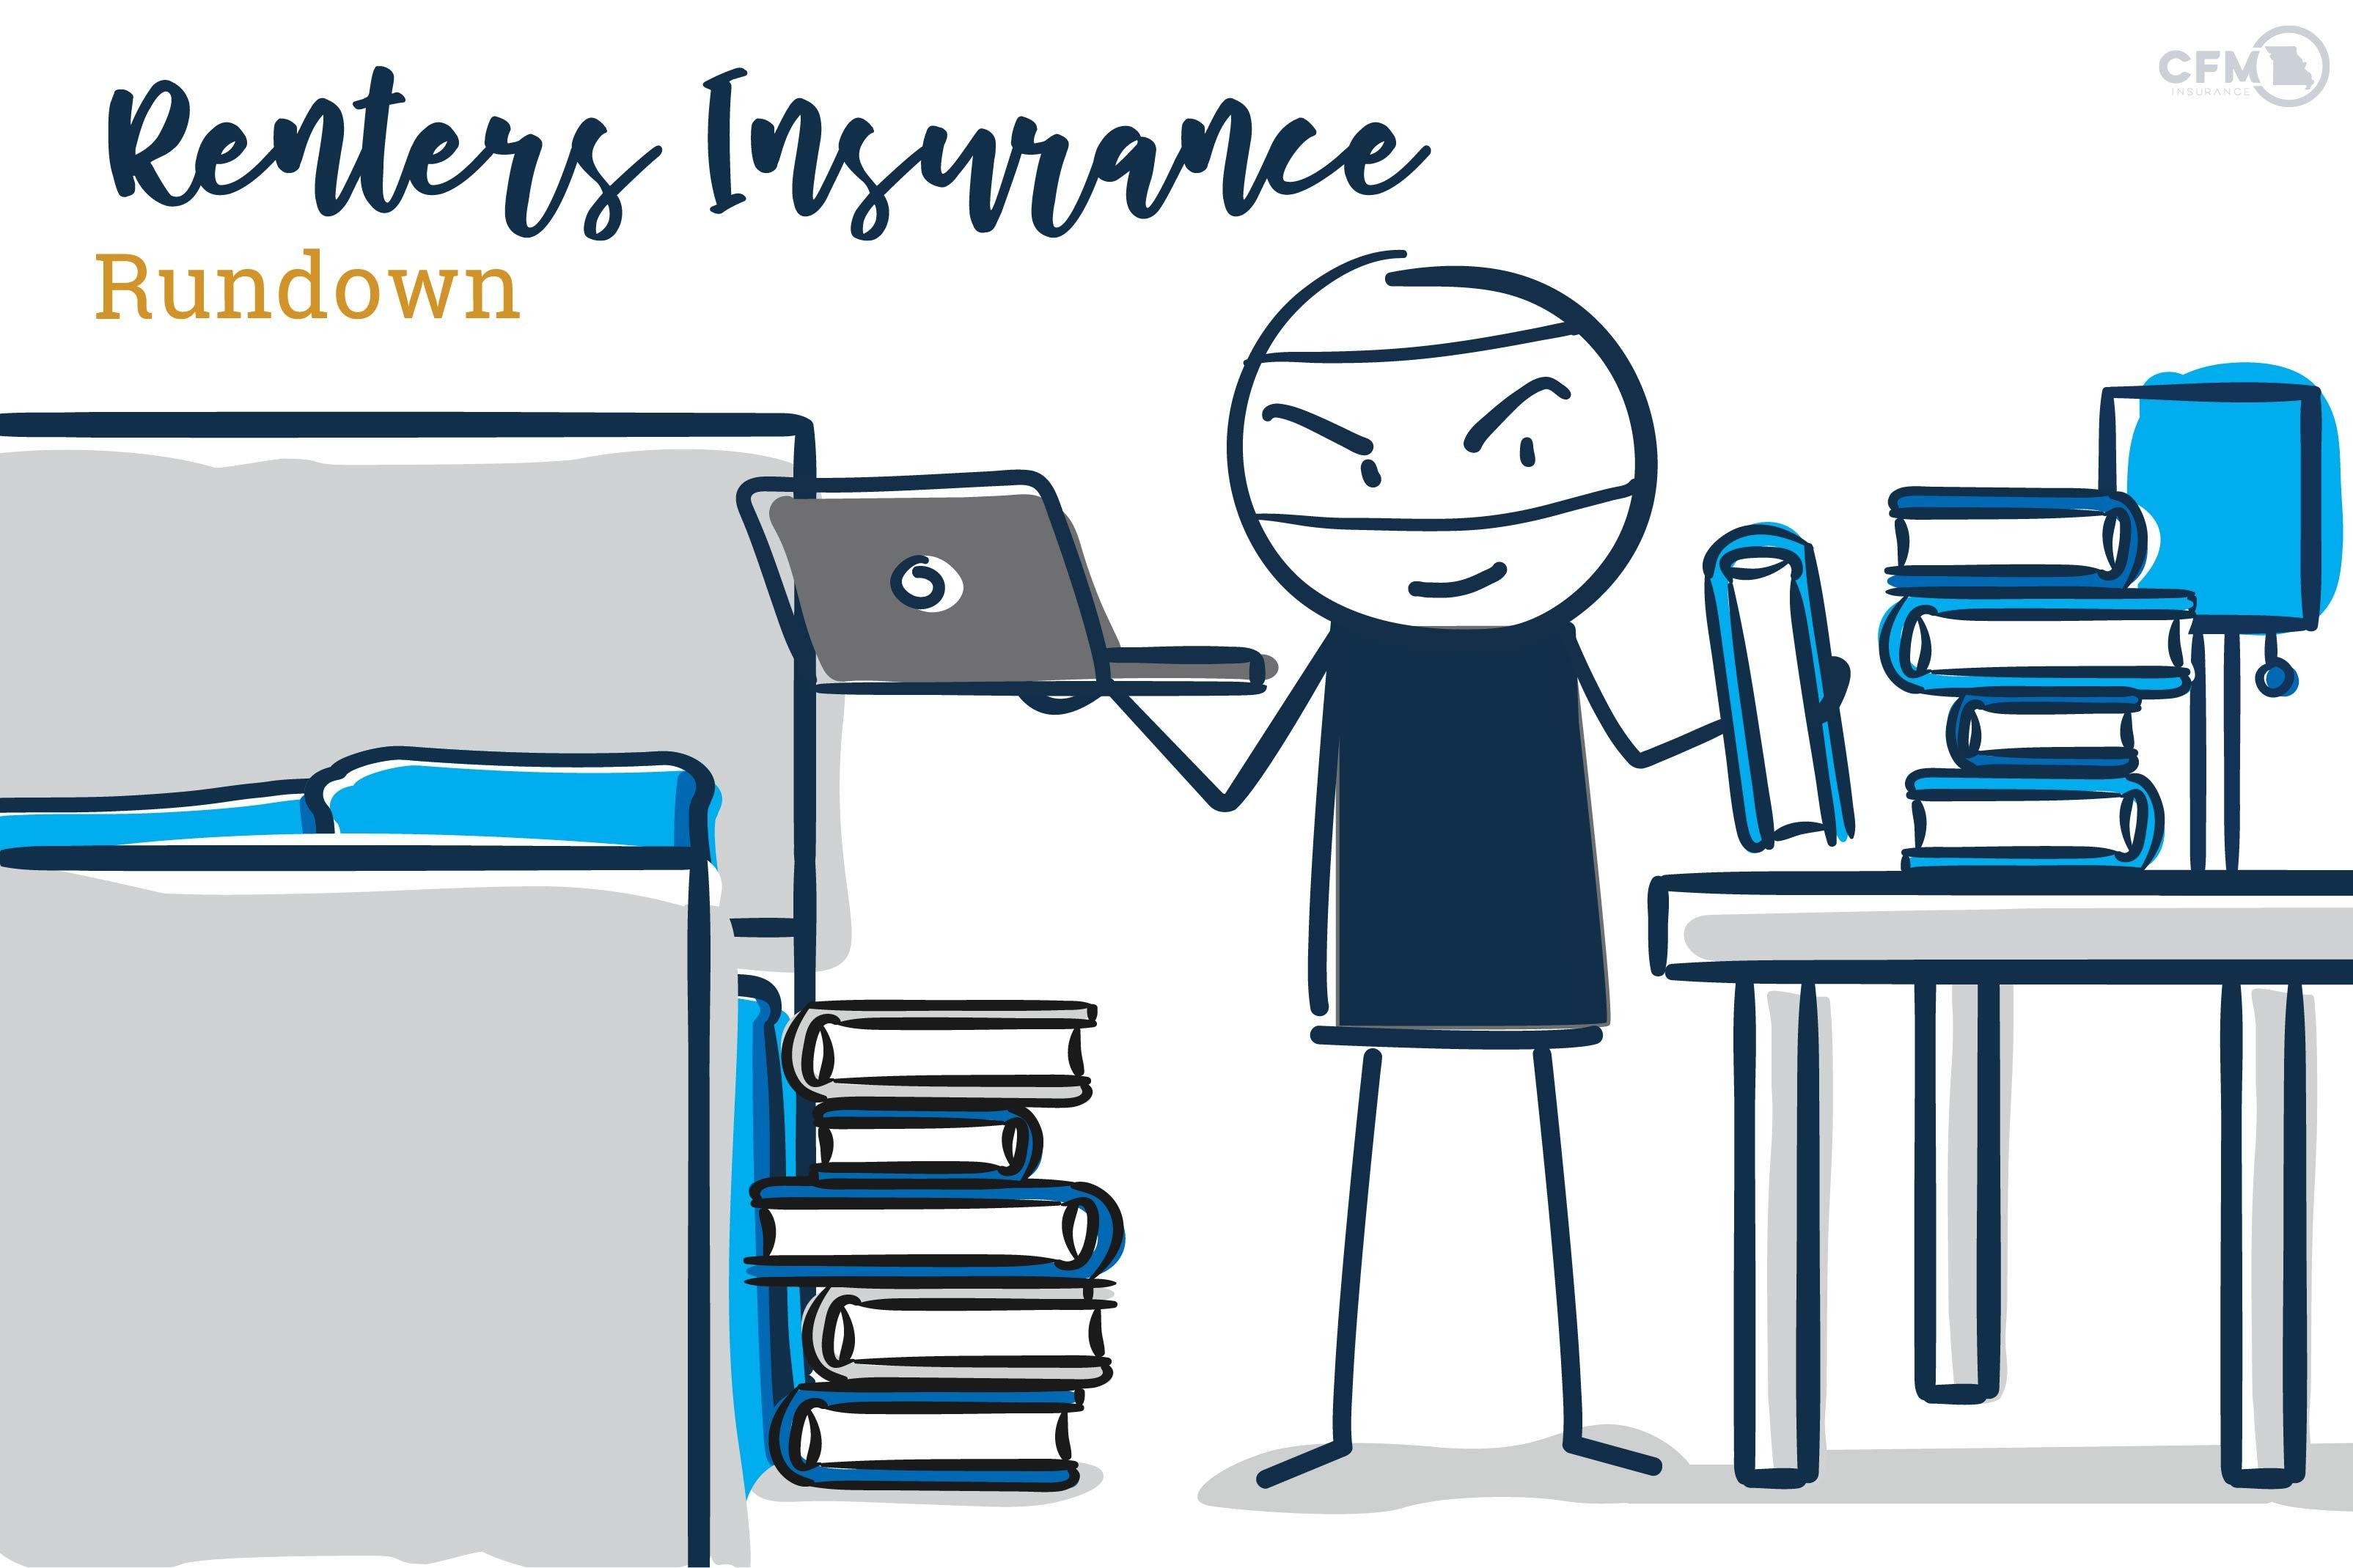 2. 4501B_Renters Insurance Rundown_Blog-01